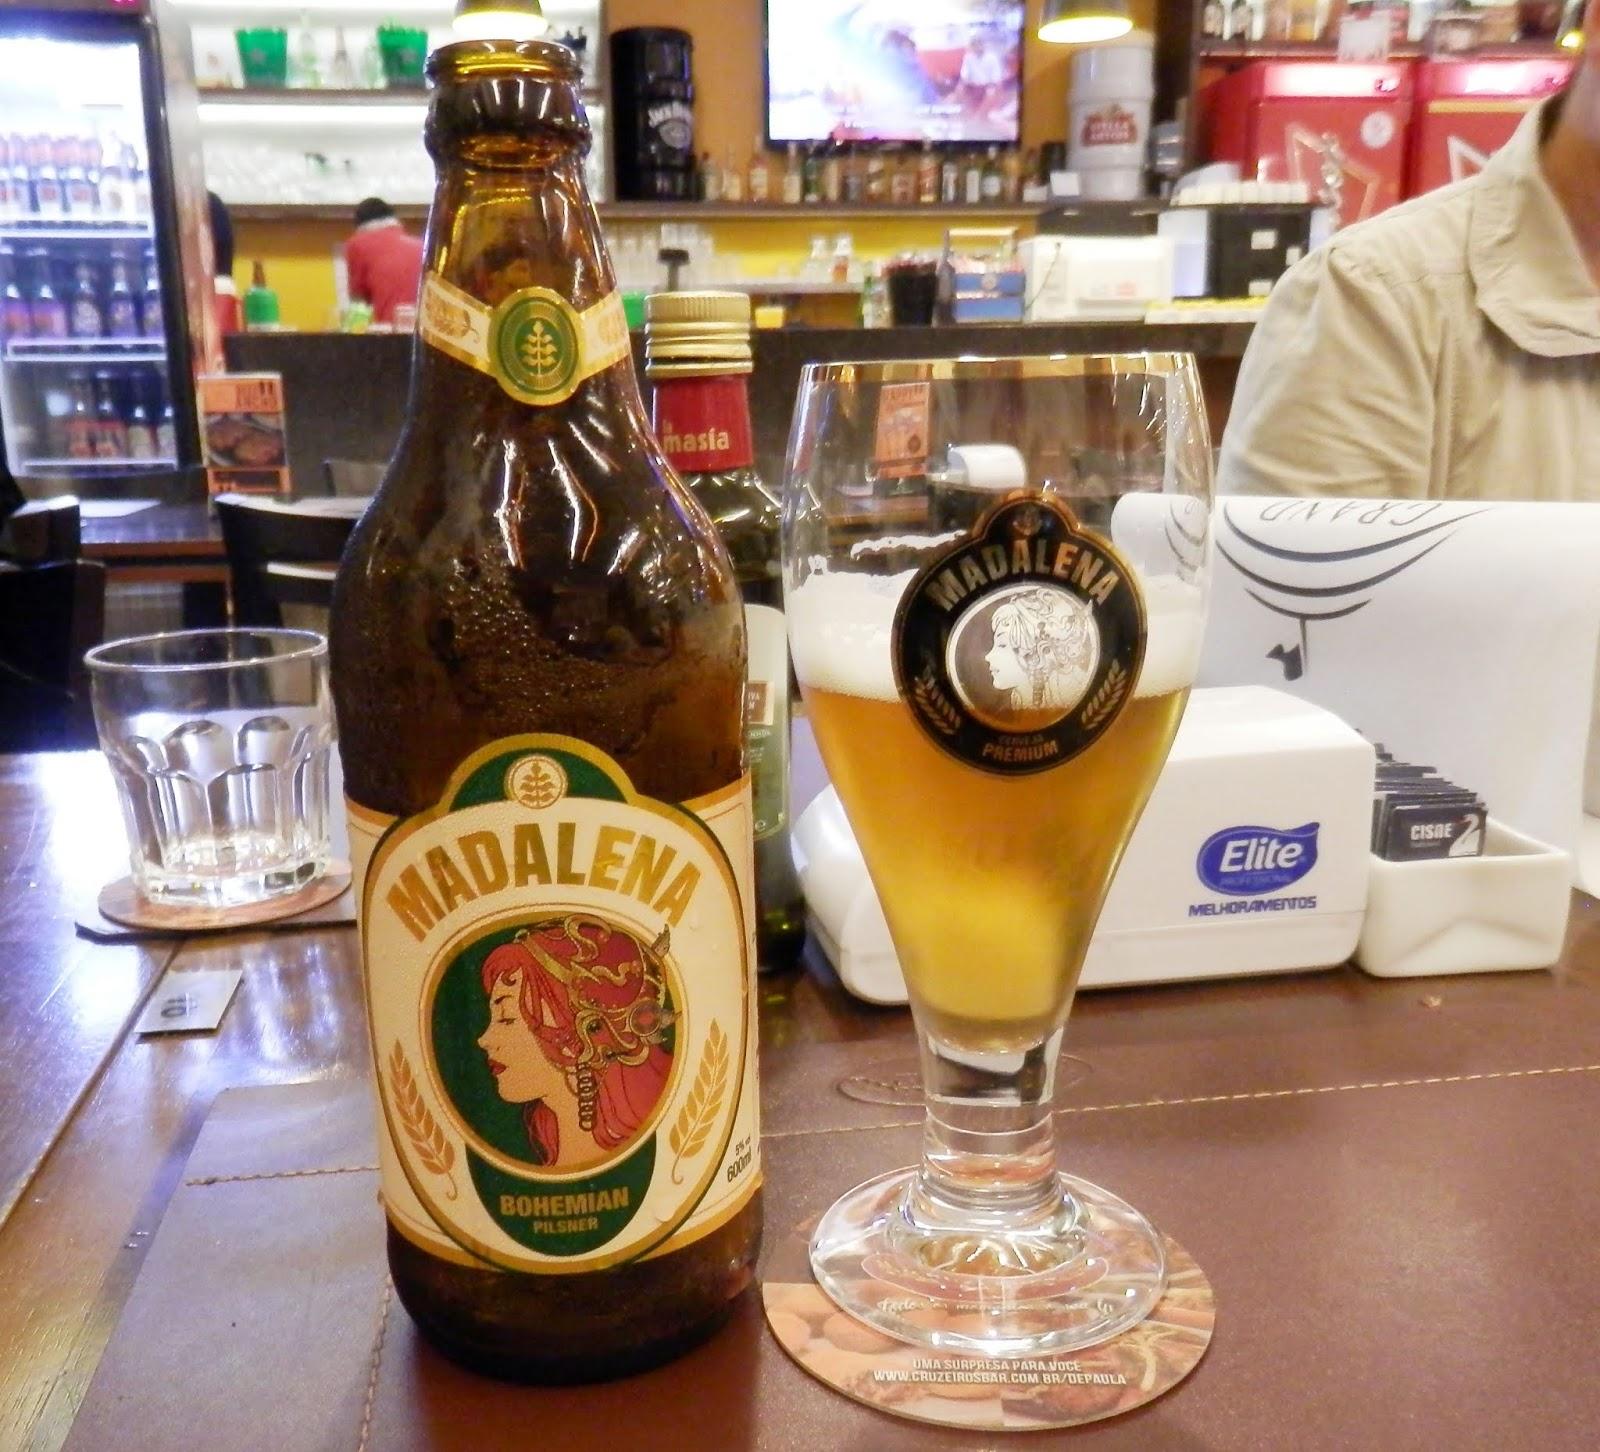 Harmonização de cerveja Madalena com petiscos do Cruzeiro's Bar